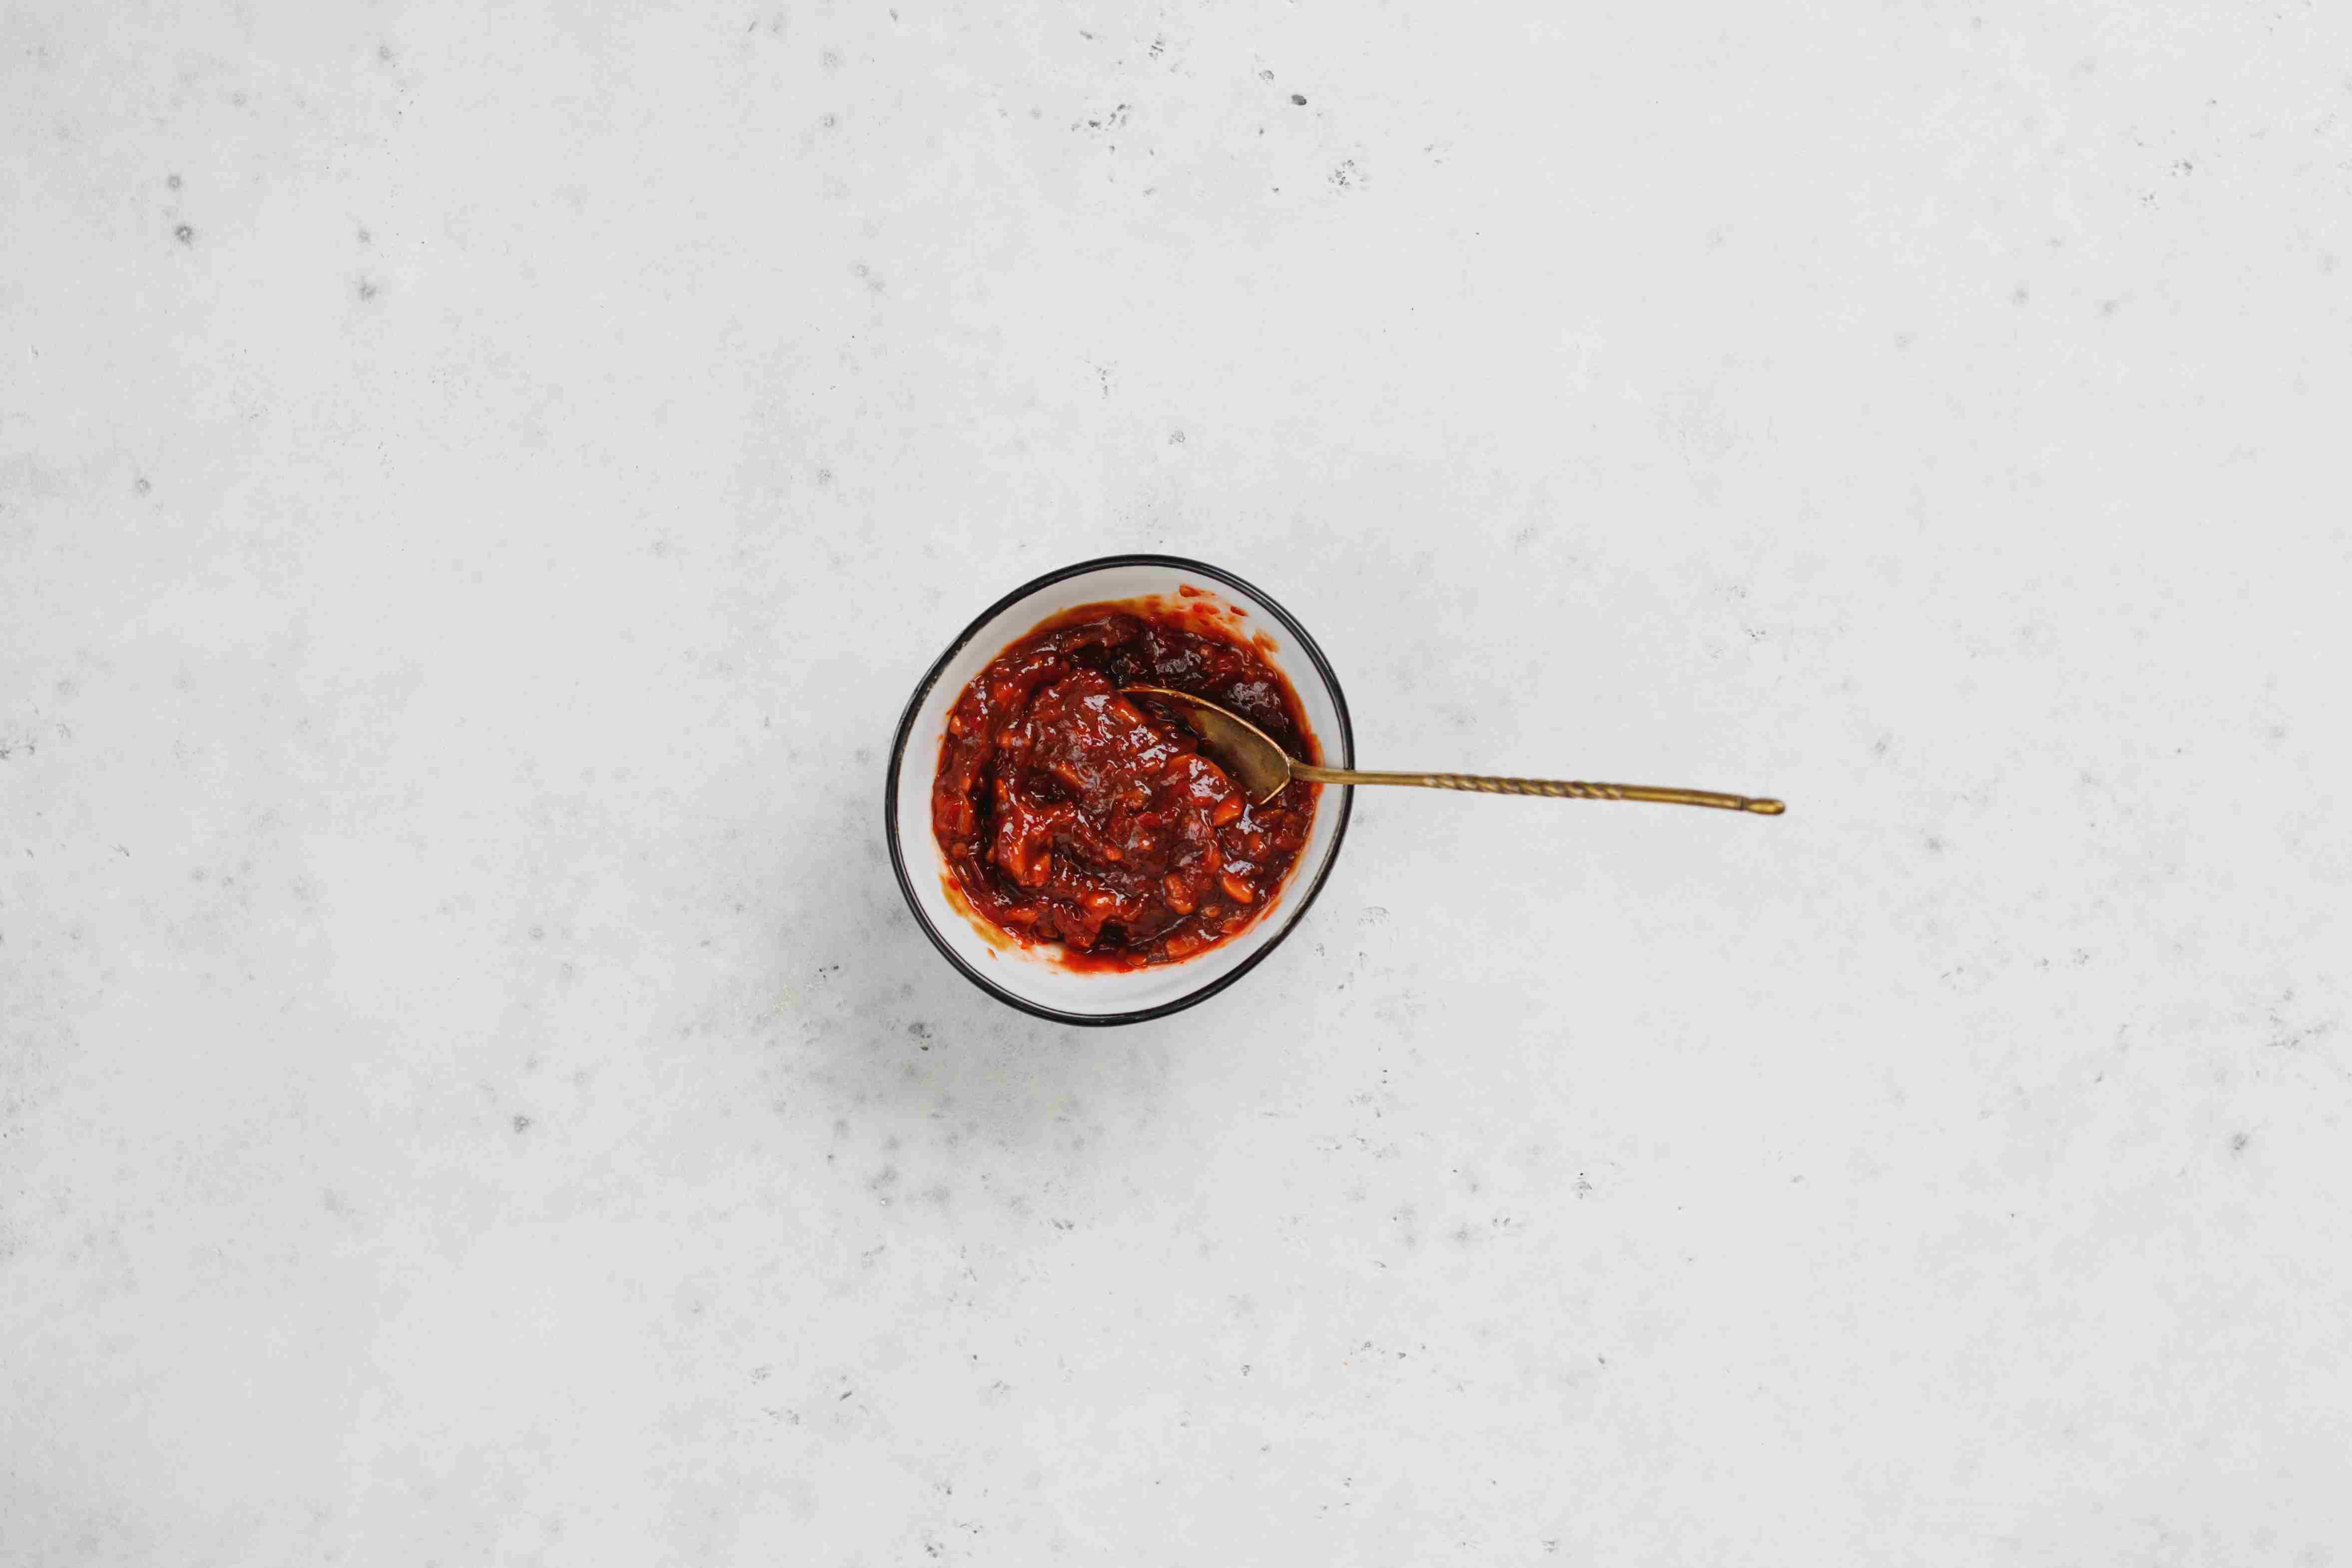 Combine chili paste